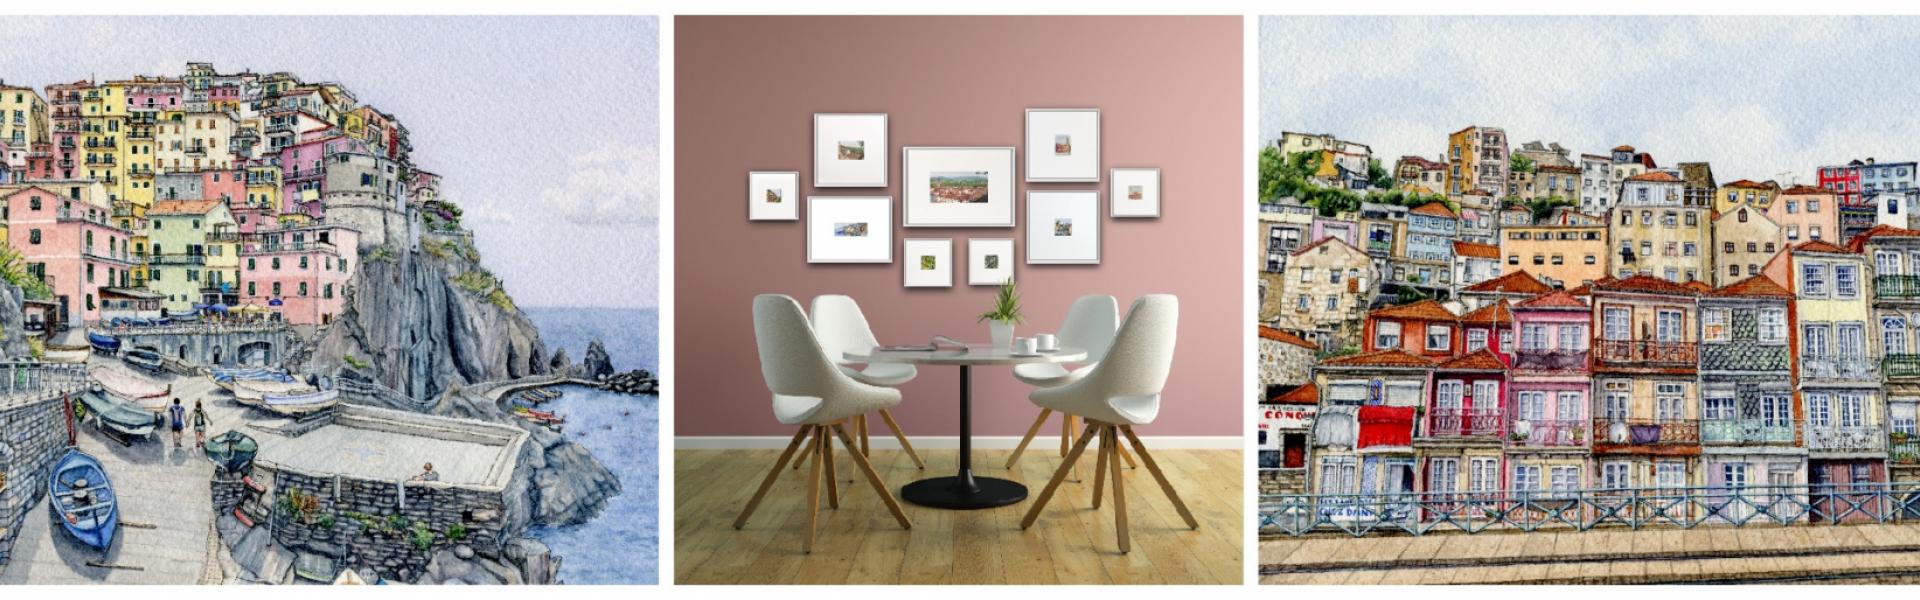 banner_Dining-Room-gallery-header.20210516153953.jpg